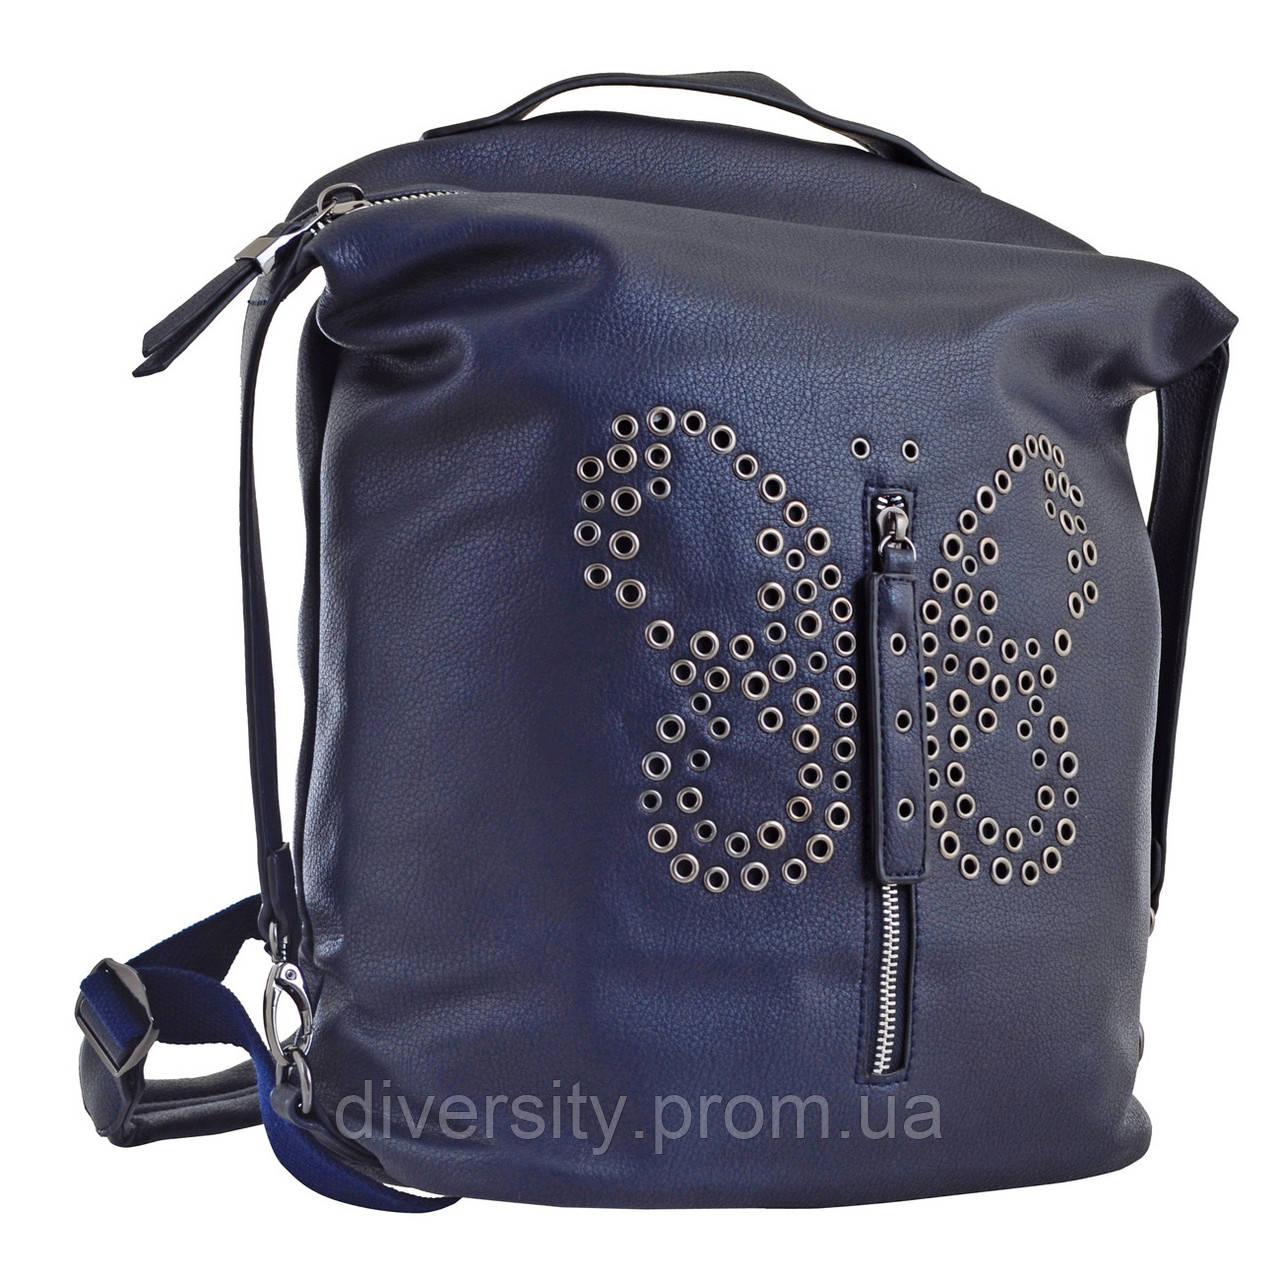 Женский рюкзак YES YW-17,   синий